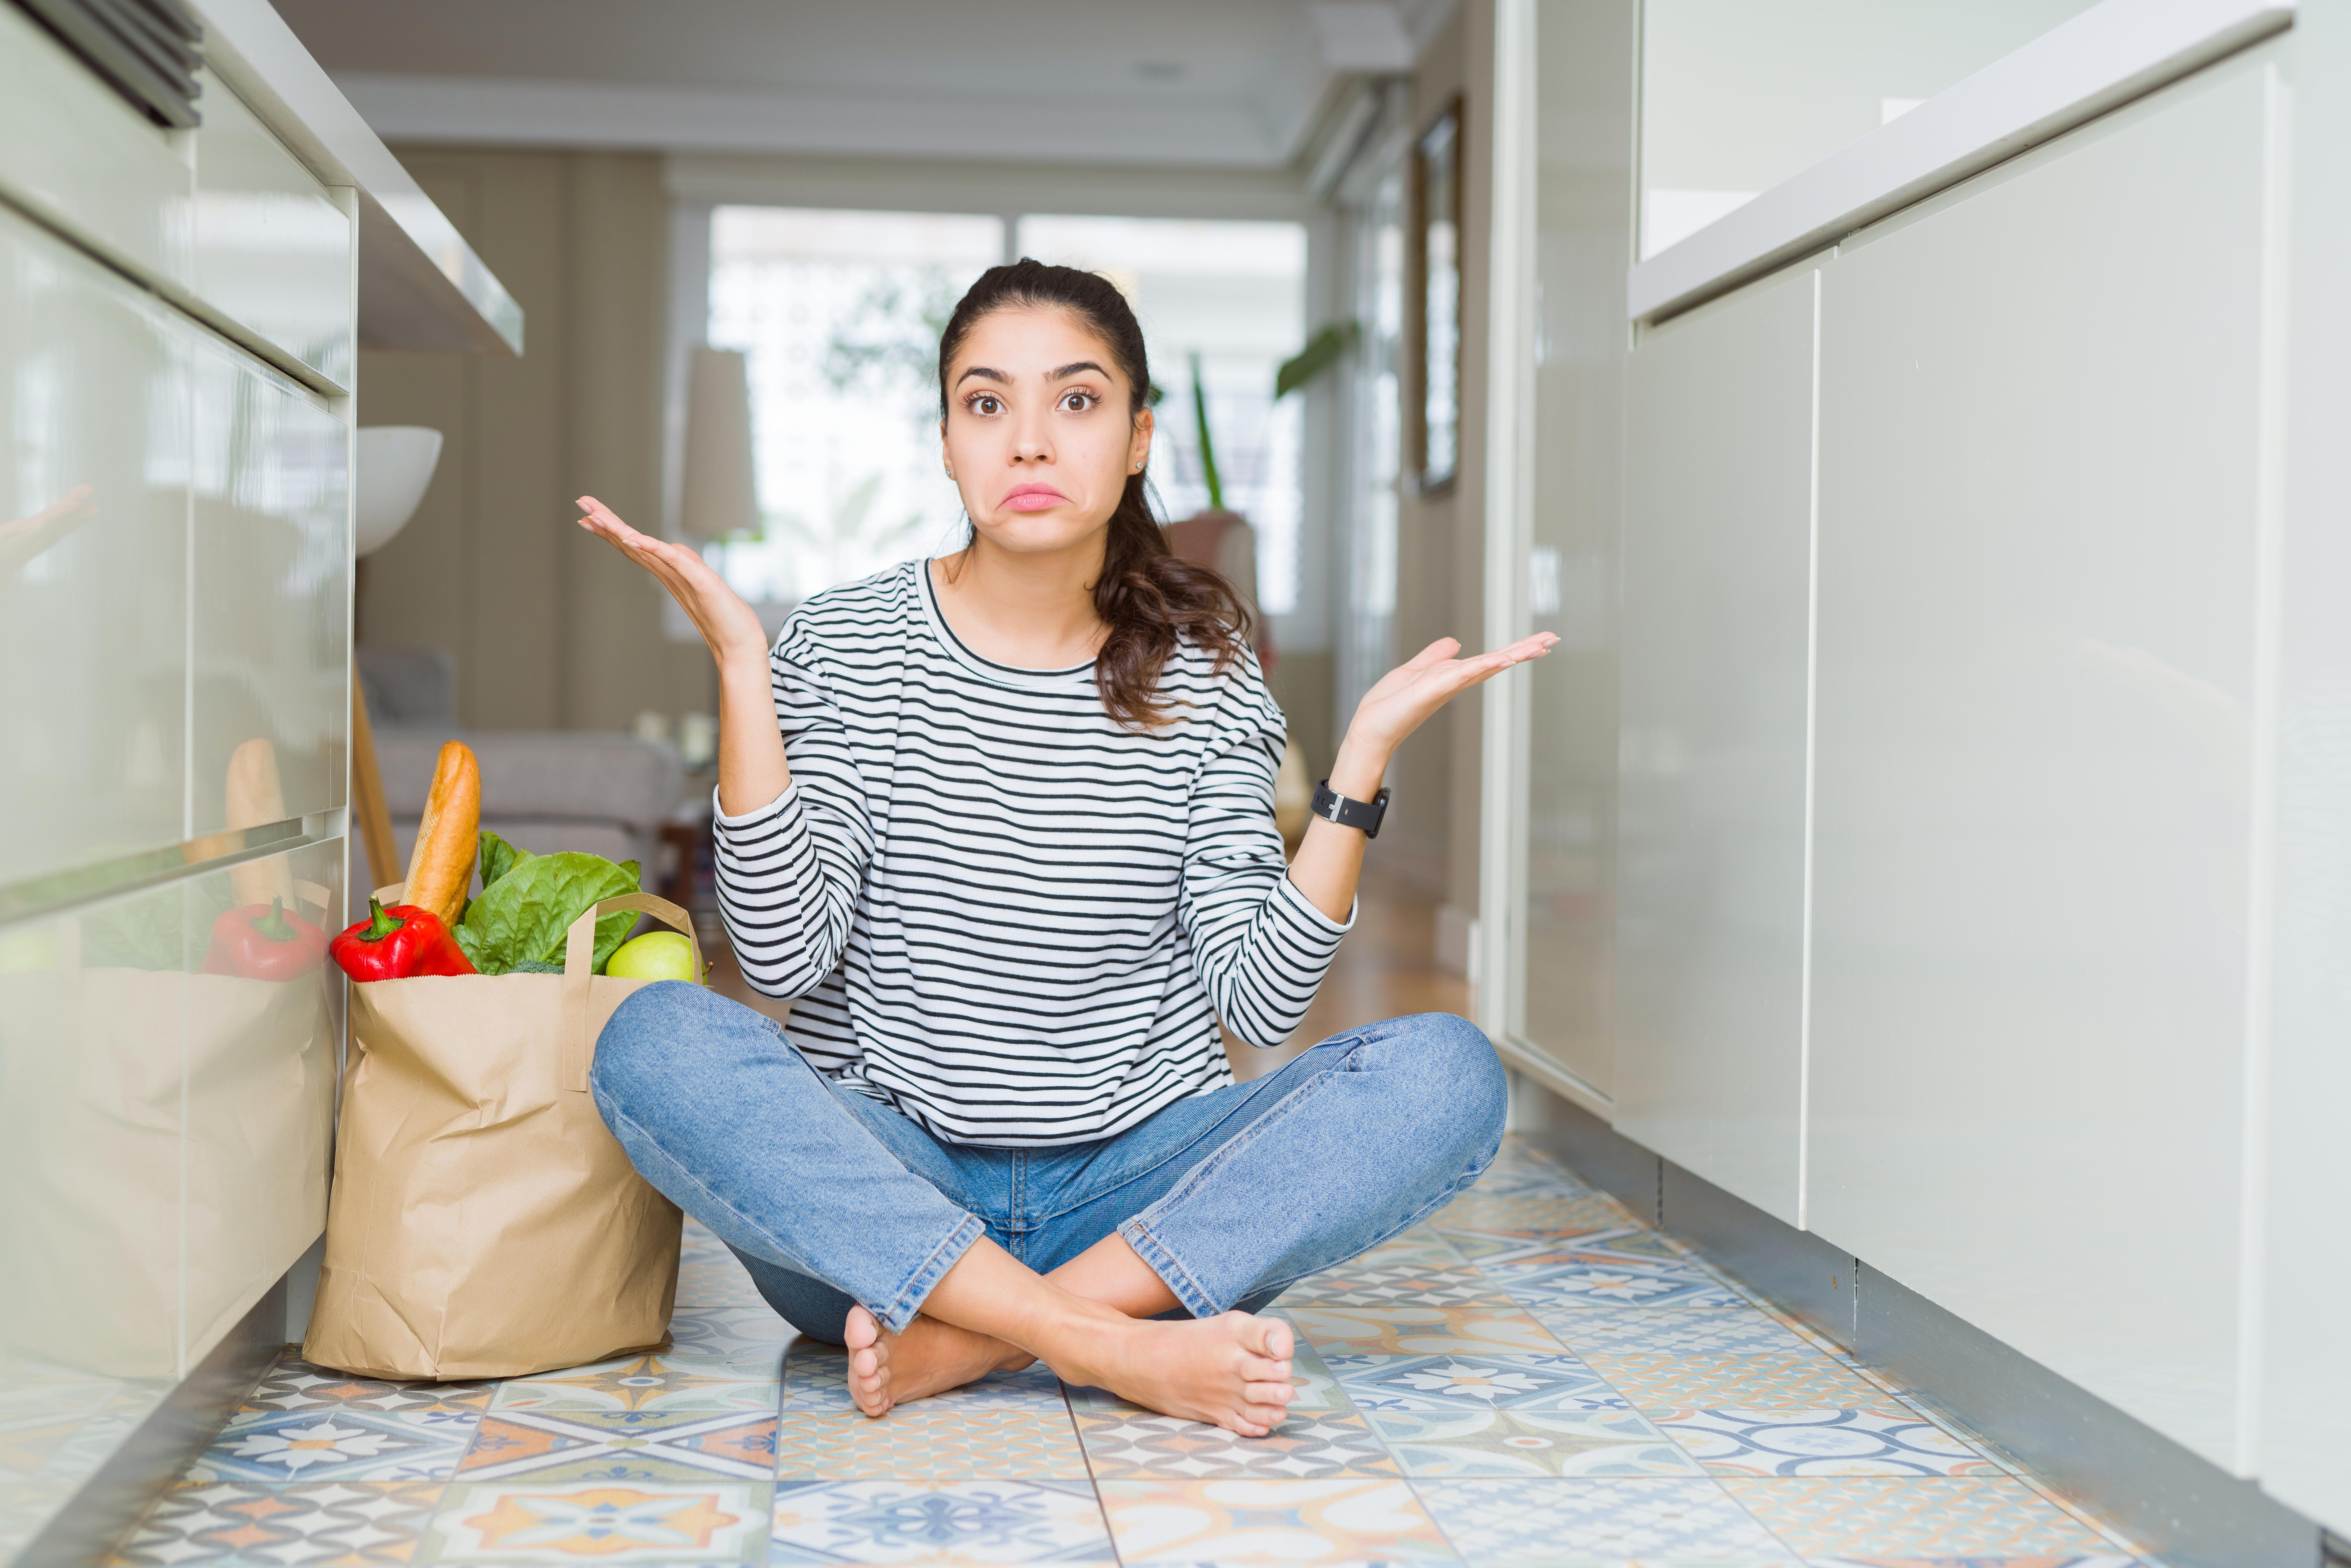 Drygt varannan person som besvarat undersökning upplever att specialdieter har gjort det svårare att bjuda på middag.